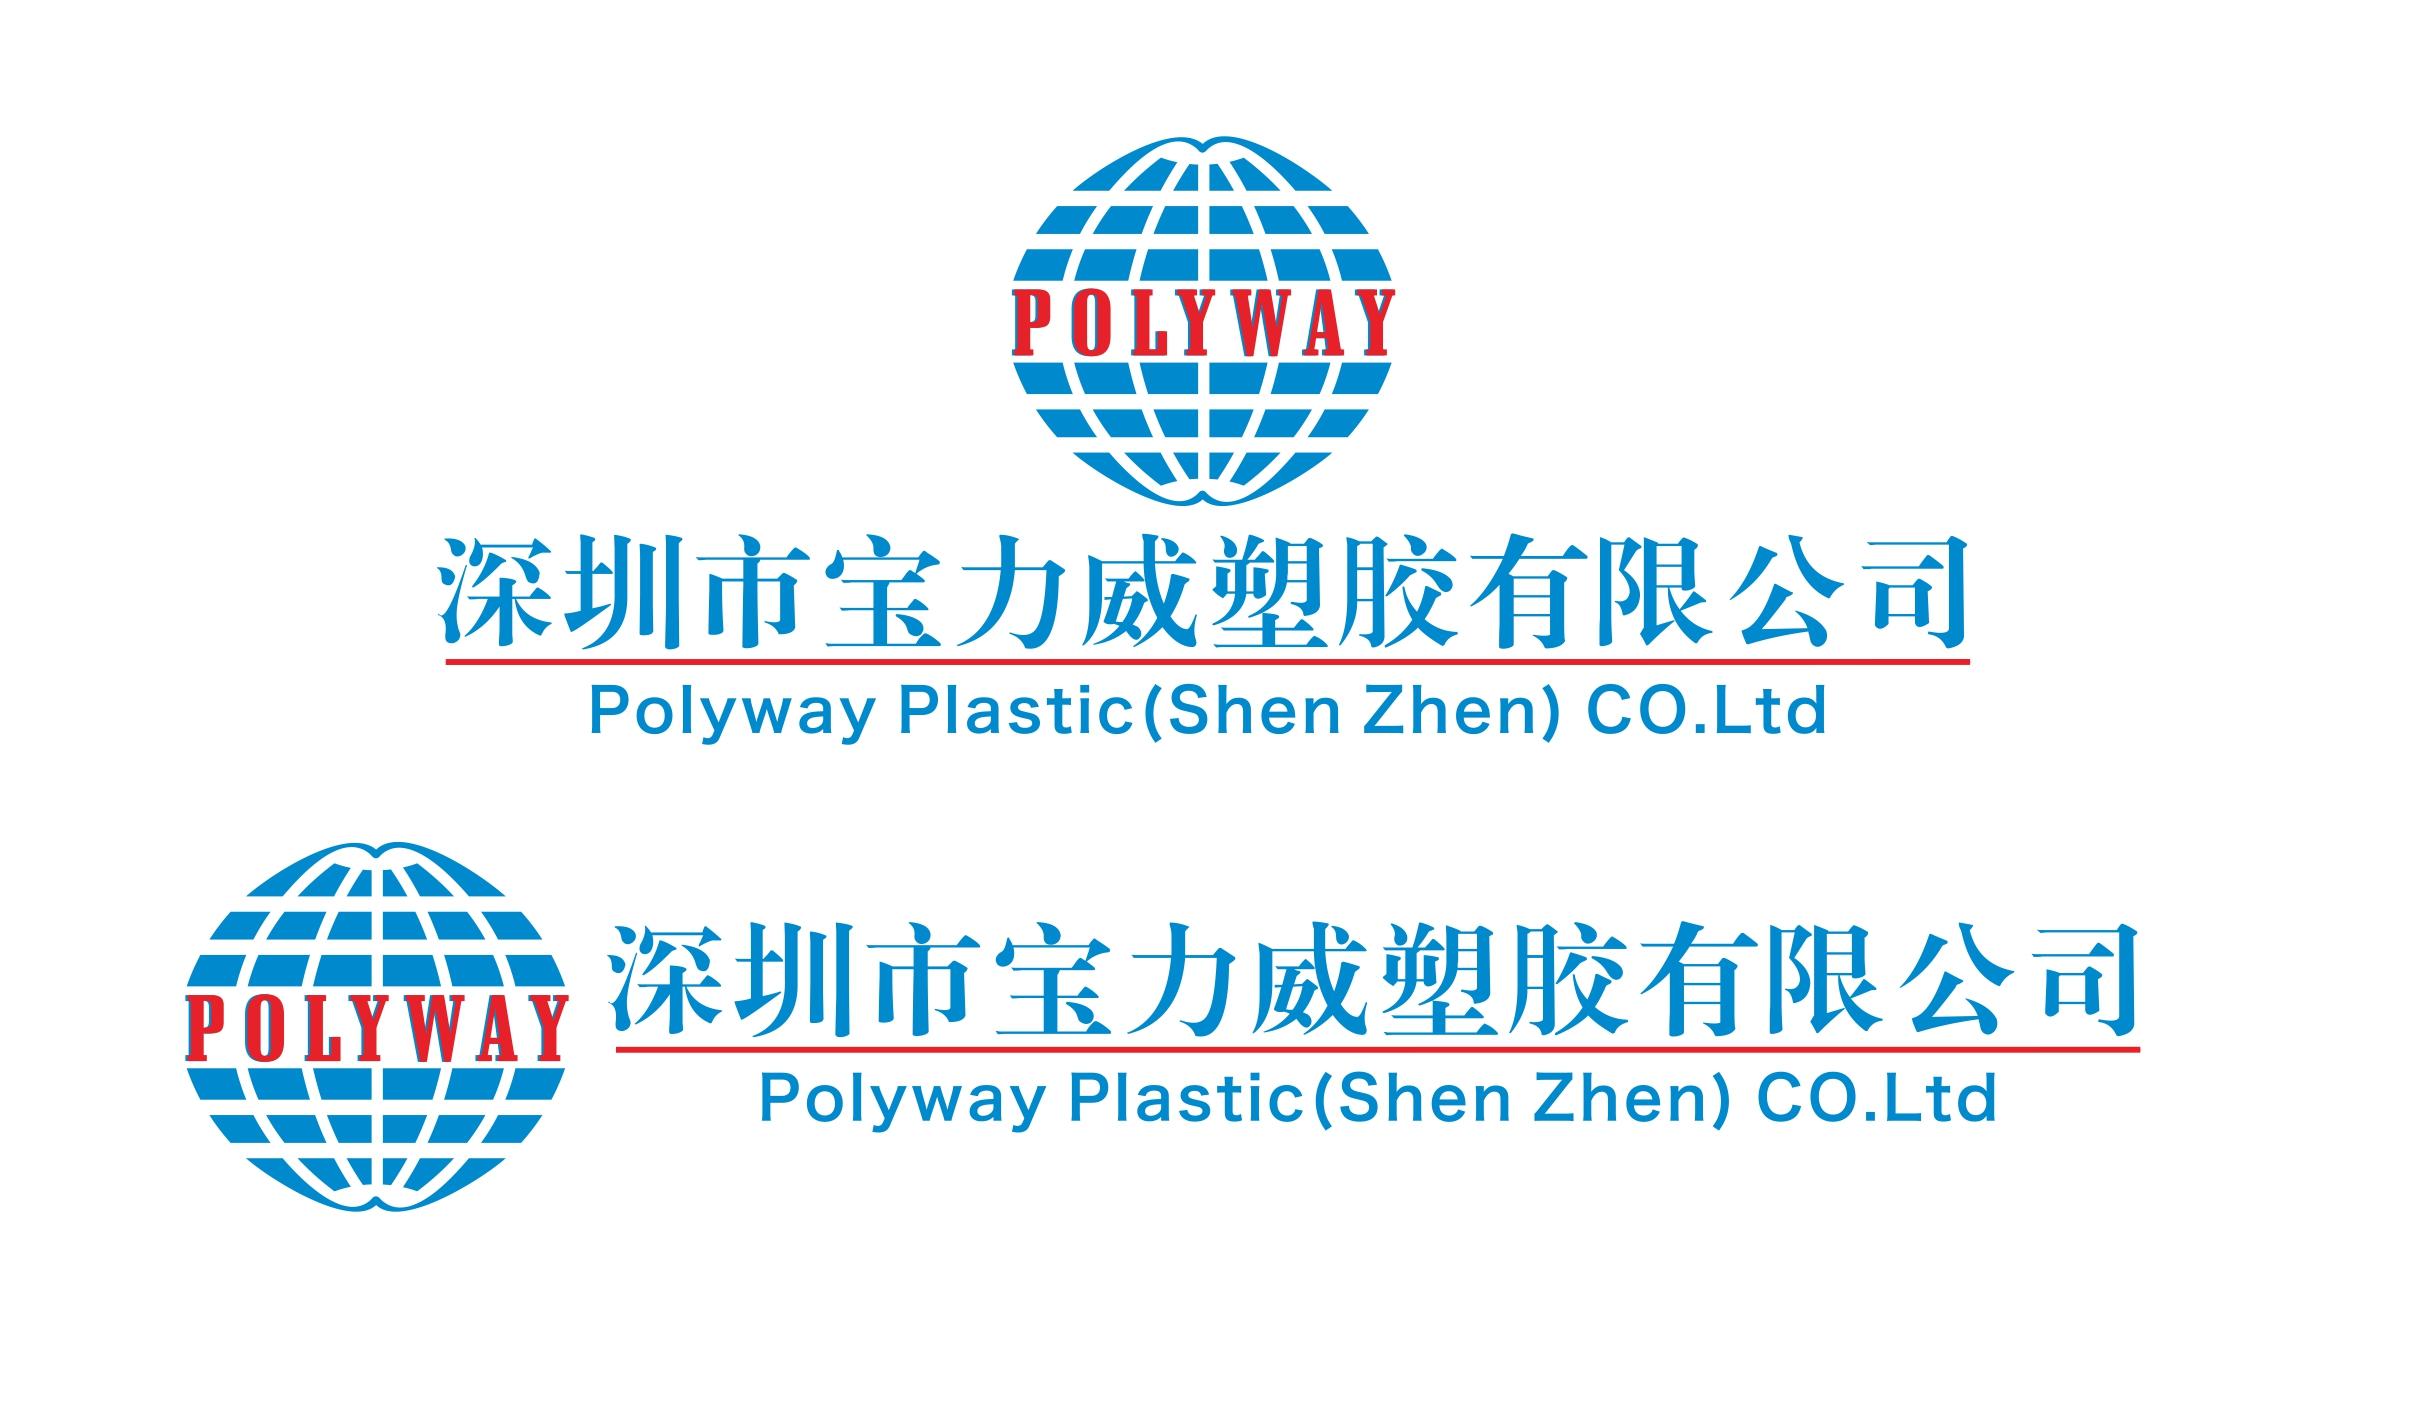 公司名稱:深圳市寶力威塑膠有限公司Polyway Plastic(Shen Zhen) CO.,Ltd 經營內容:TPU塑膠原料,屬于塑膠原料的一種,產品為顆粒狀袋裝。 Logo設計要求:結合公司英文縮寫POLYWAY做構圖,可用圖形和英文結合,也可以單獨英文。 設計理念:TPU塑膠原料行業,色調可自由發揮,盡量用紅色或藍色,設計簡潔大方,國際化。 以下附件圖片為公司現在用的標志。